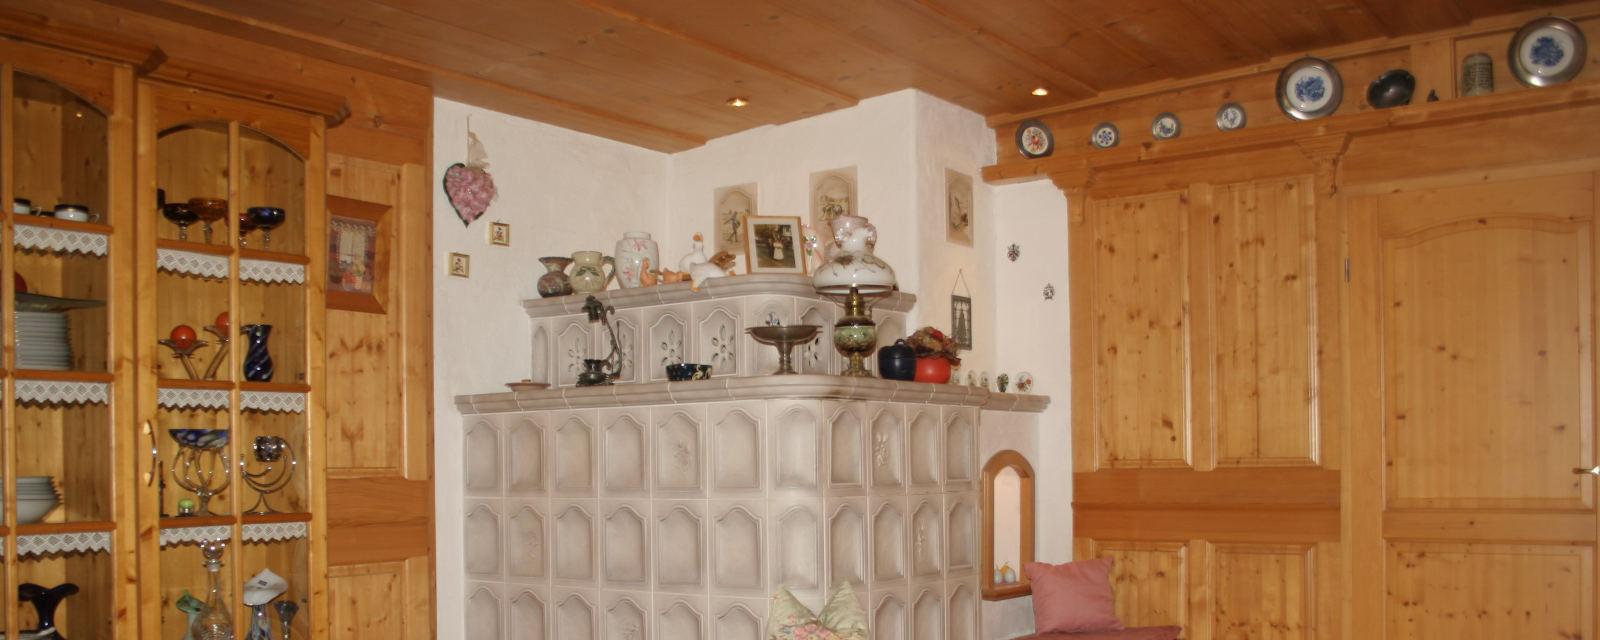 Ferienwohnung Bauernstube in Oberharmersbach